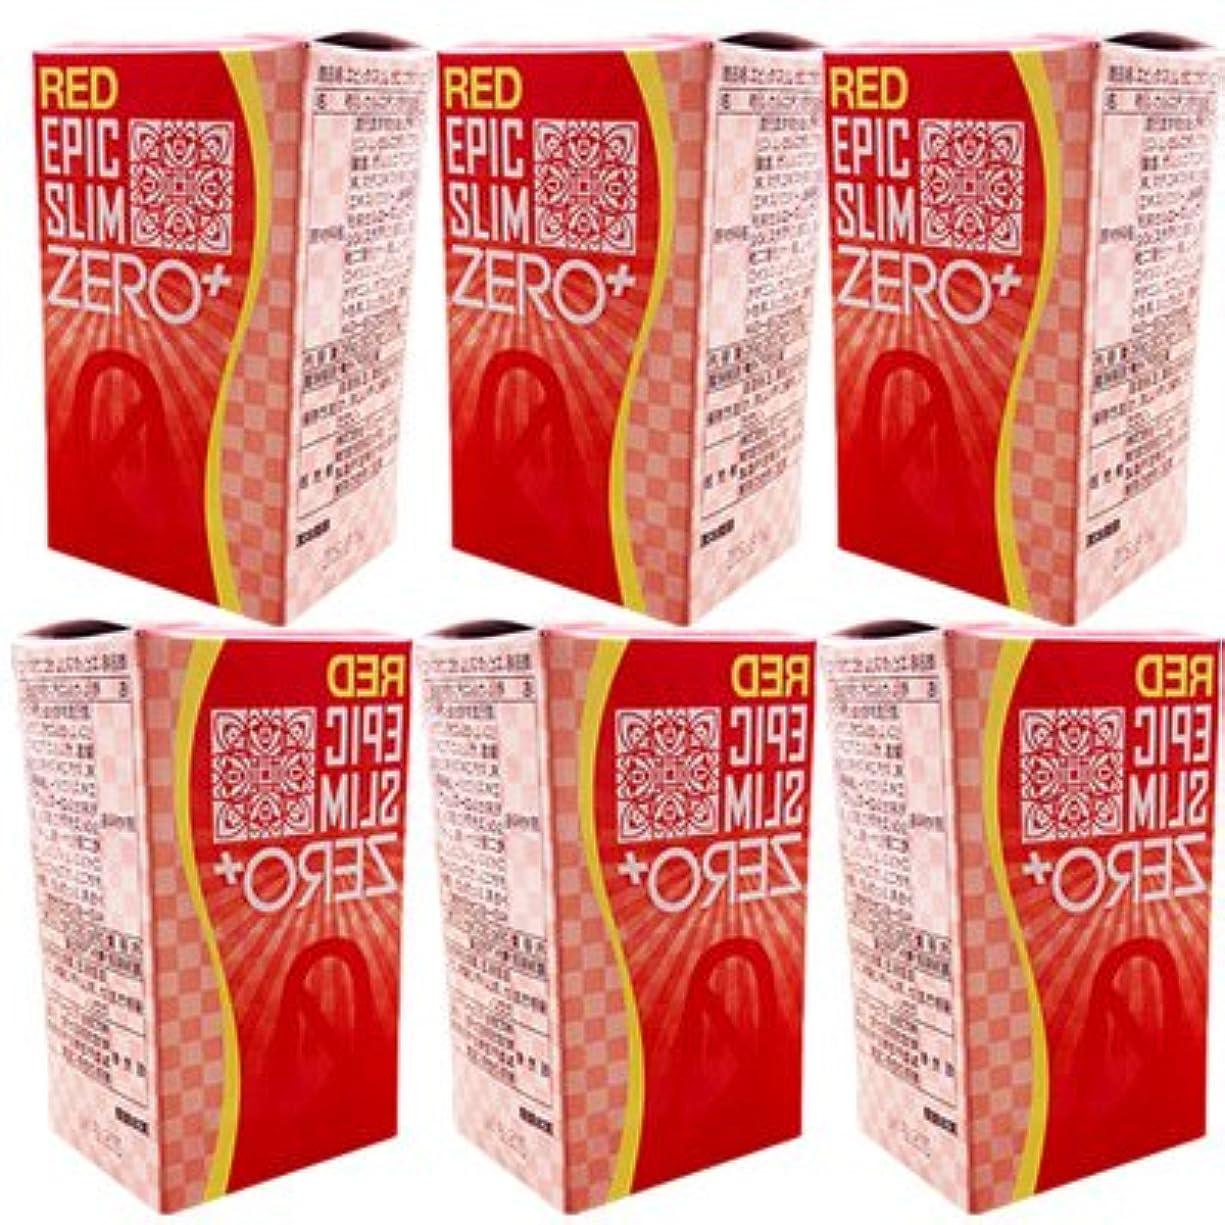 不良品摂氏ストレッチレッド エピックスリム ゼロ レッド 6個セット!  Epic Slim ZERO RED ×6個